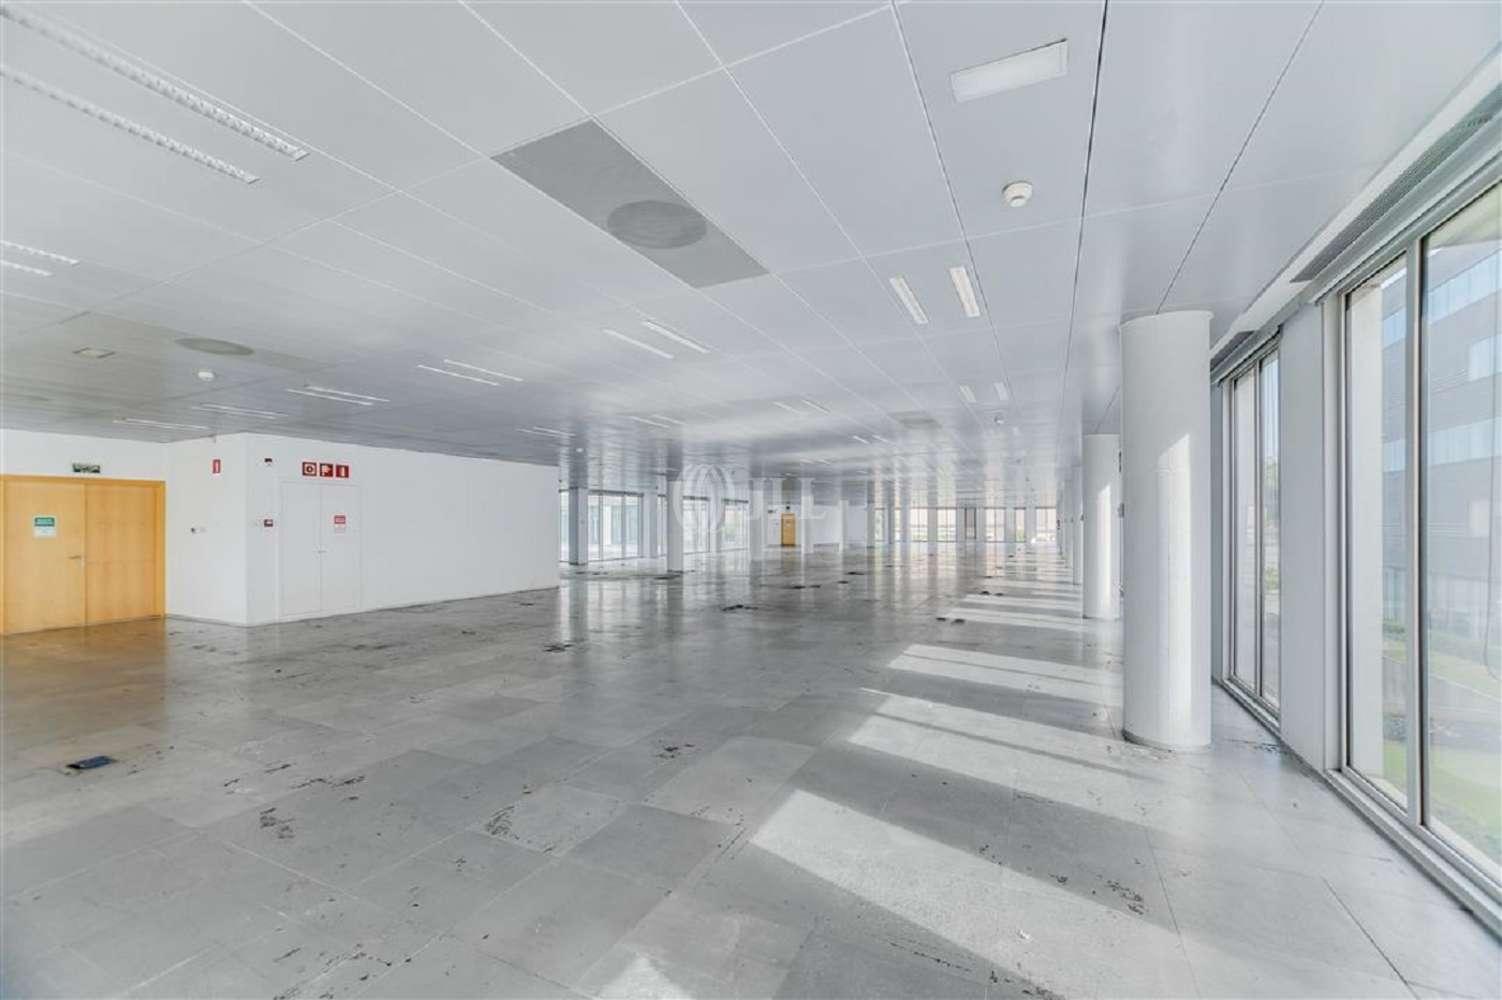 Oficina Cornellà de llobregat, 08940 - WTC ALMEDA PARK - Edificio 8 - 20044